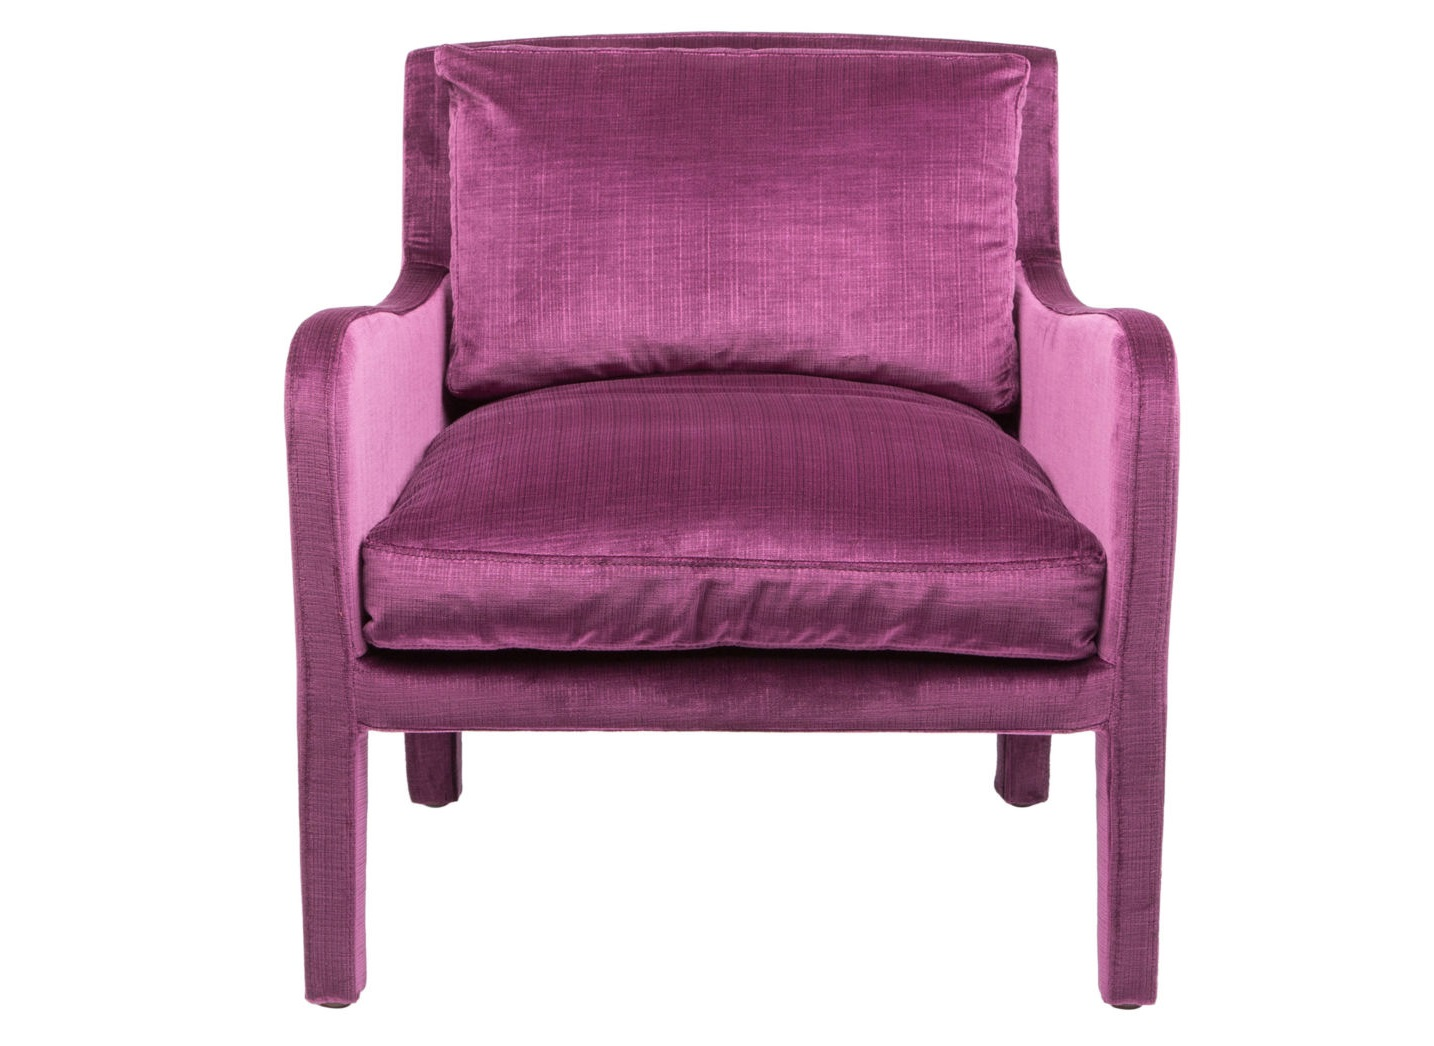 Кресло FosterИнтерьерные кресла<br><br><br>Material: Текстиль<br>Ширина см: 60<br>Высота см: 72<br>Глубина см: 70